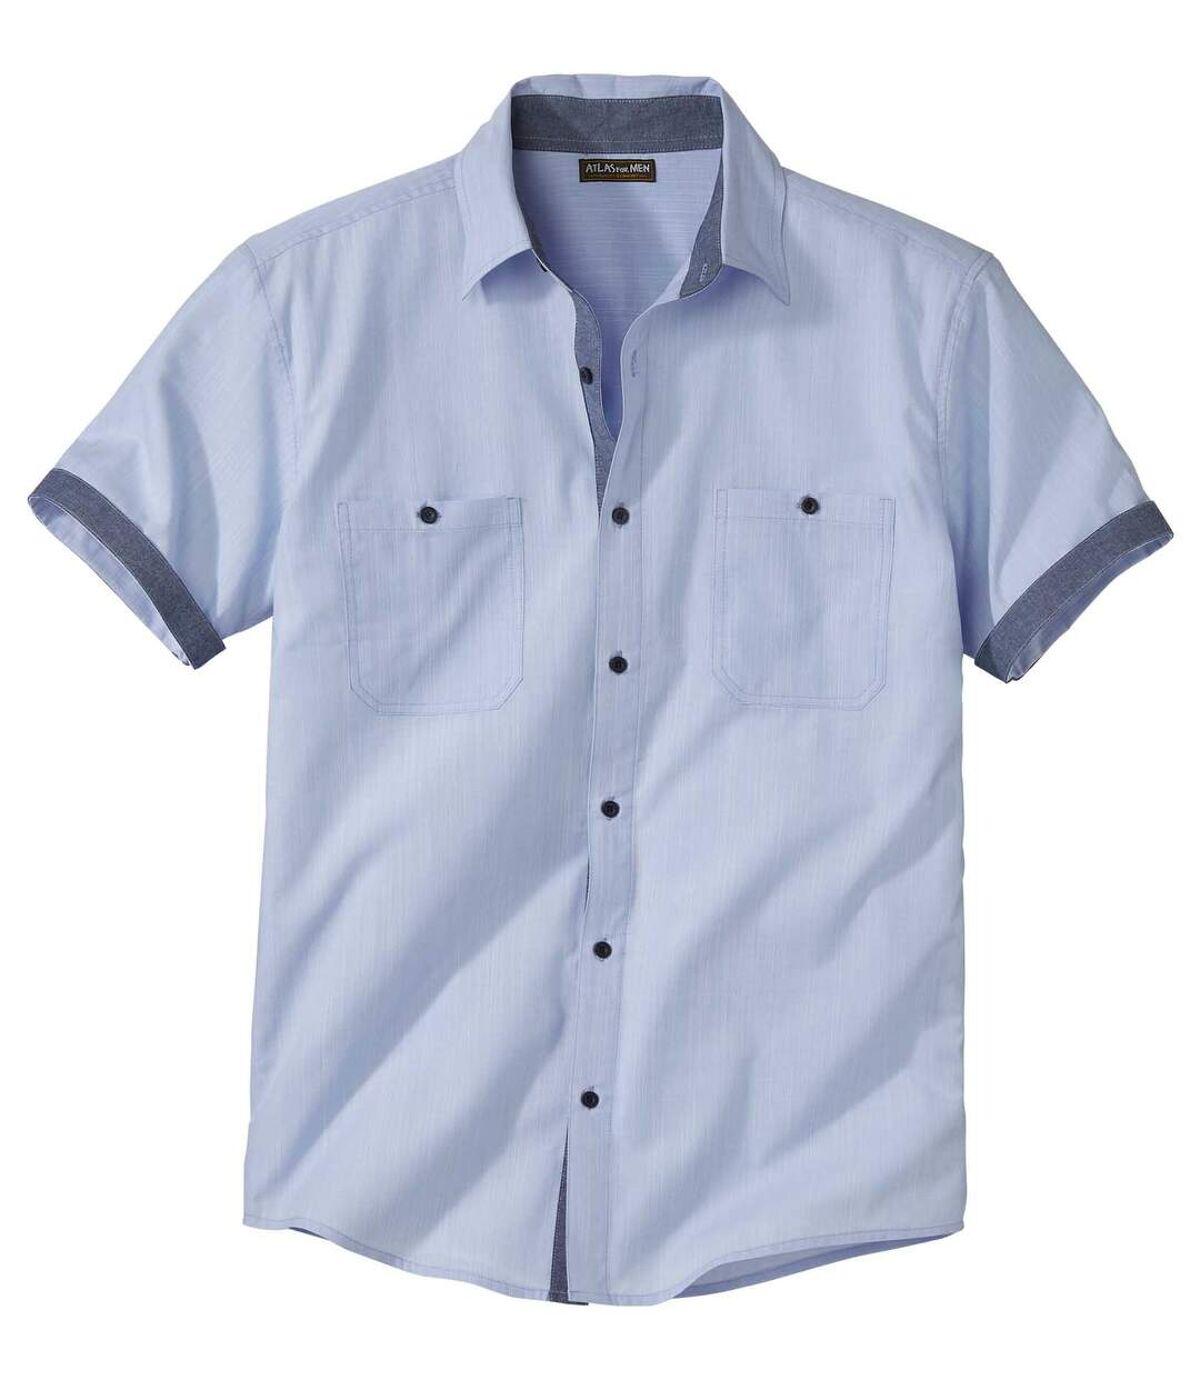 Letní košile skrátkým rukávem Atlas For Men